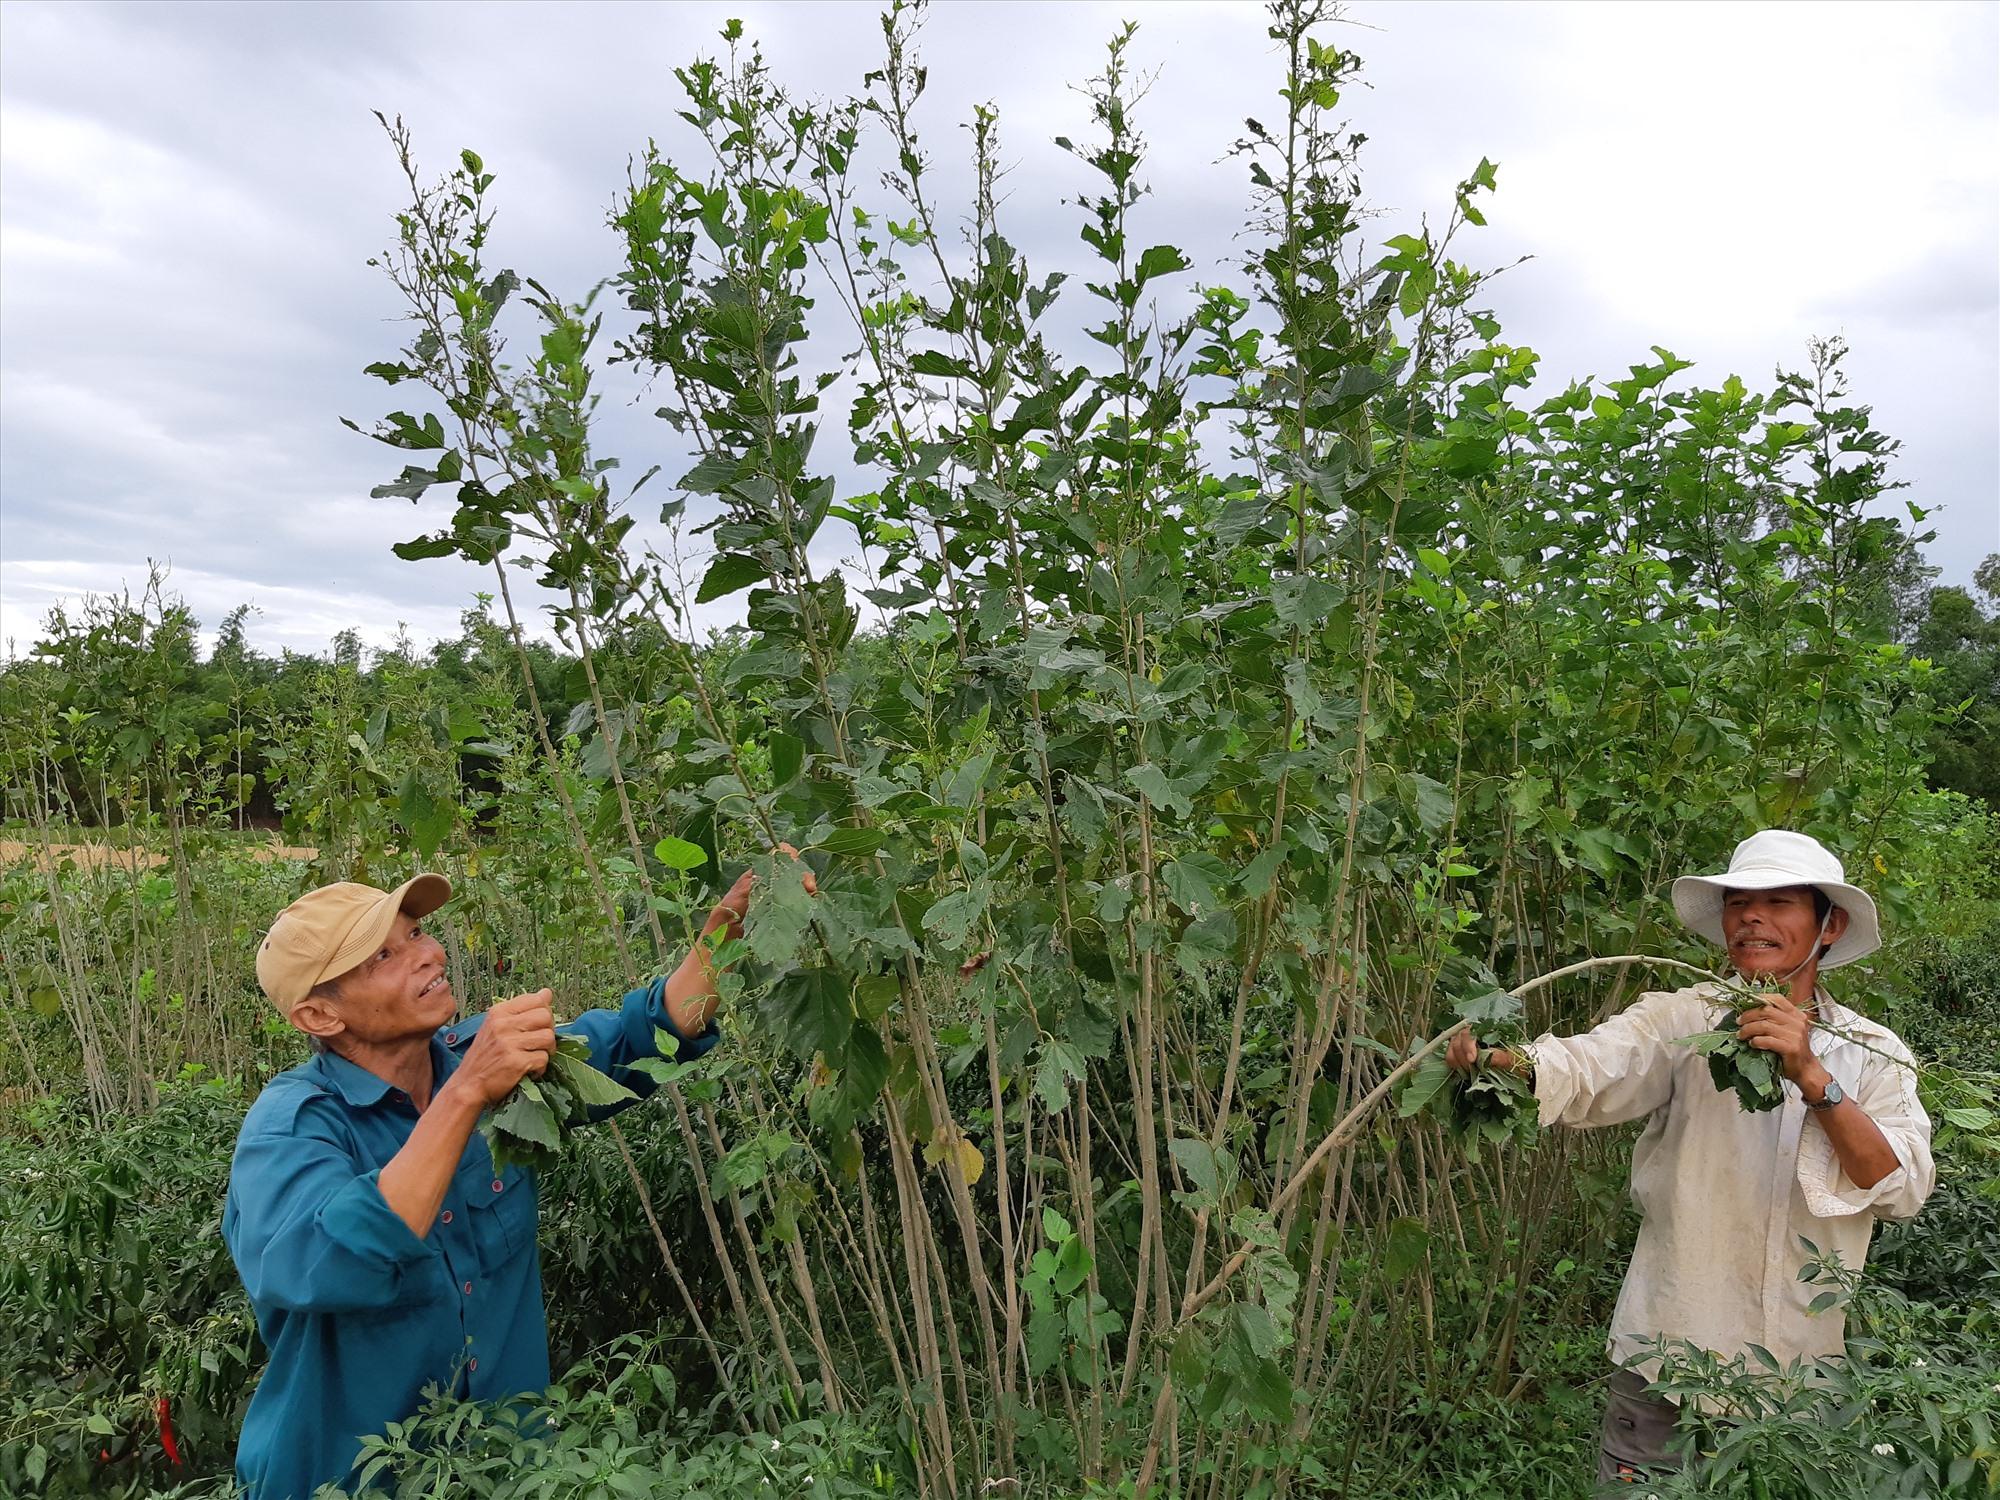 Ứng dụng khoa học - công nghệ phục hồi vùng trồng dâu nuôi tằm ở Quảng Nam. Ảnh: HOÀNG LIÊN